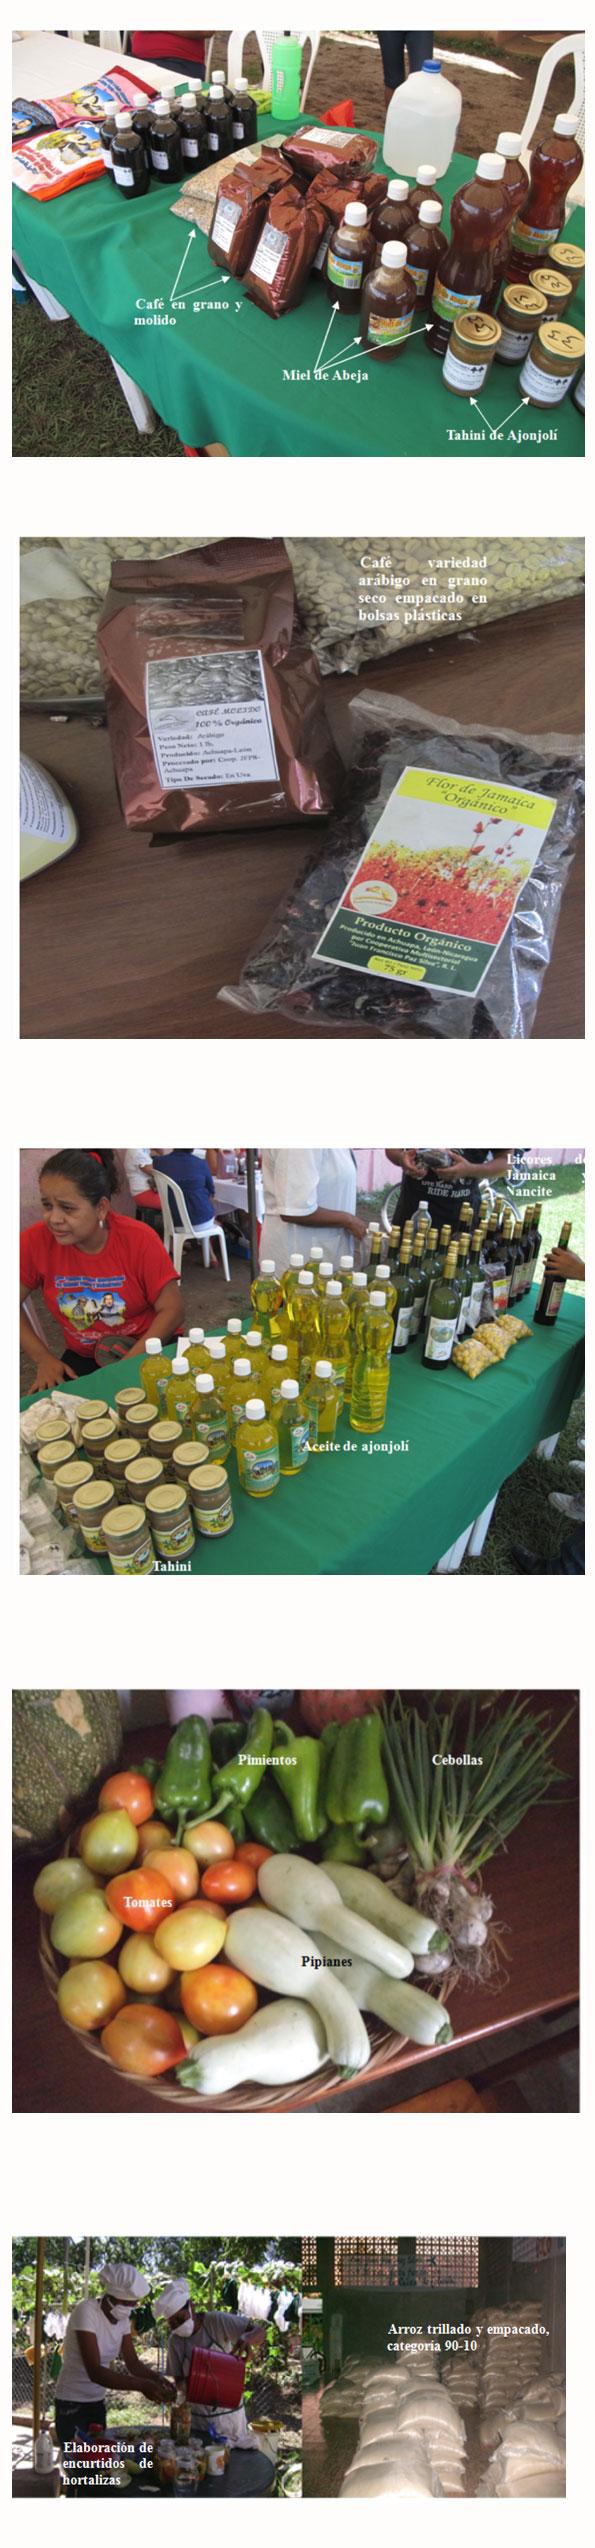 El procesamiento de nuevos productos agrícolas aporta valor agregado a las familias de Achuapa (Nicaragua)